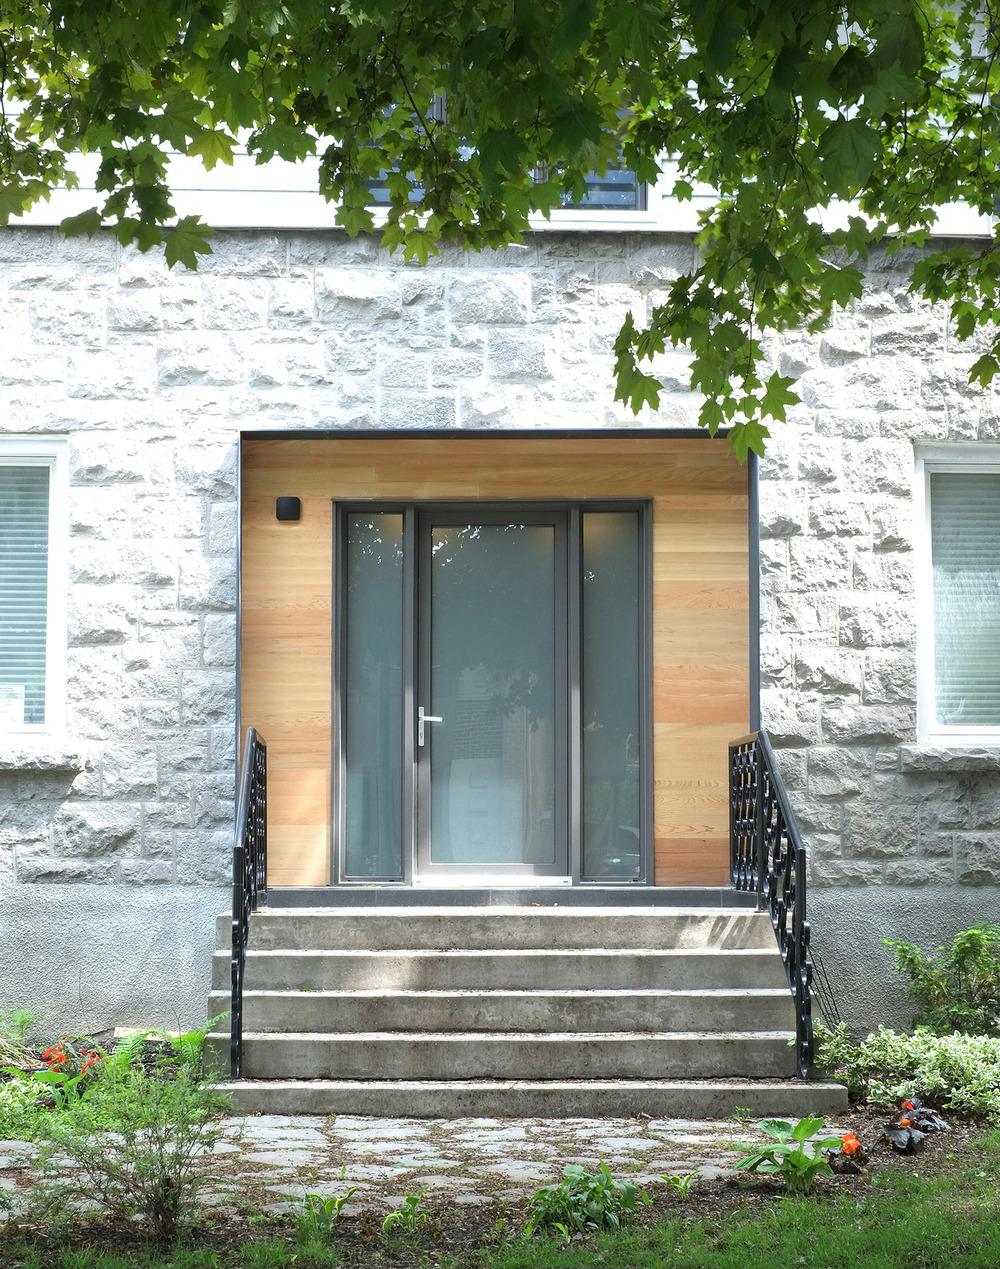 prix rnovation maison m2 amazing comment acheter une maison pas chre rnover tous les prix sur. Black Bedroom Furniture Sets. Home Design Ideas